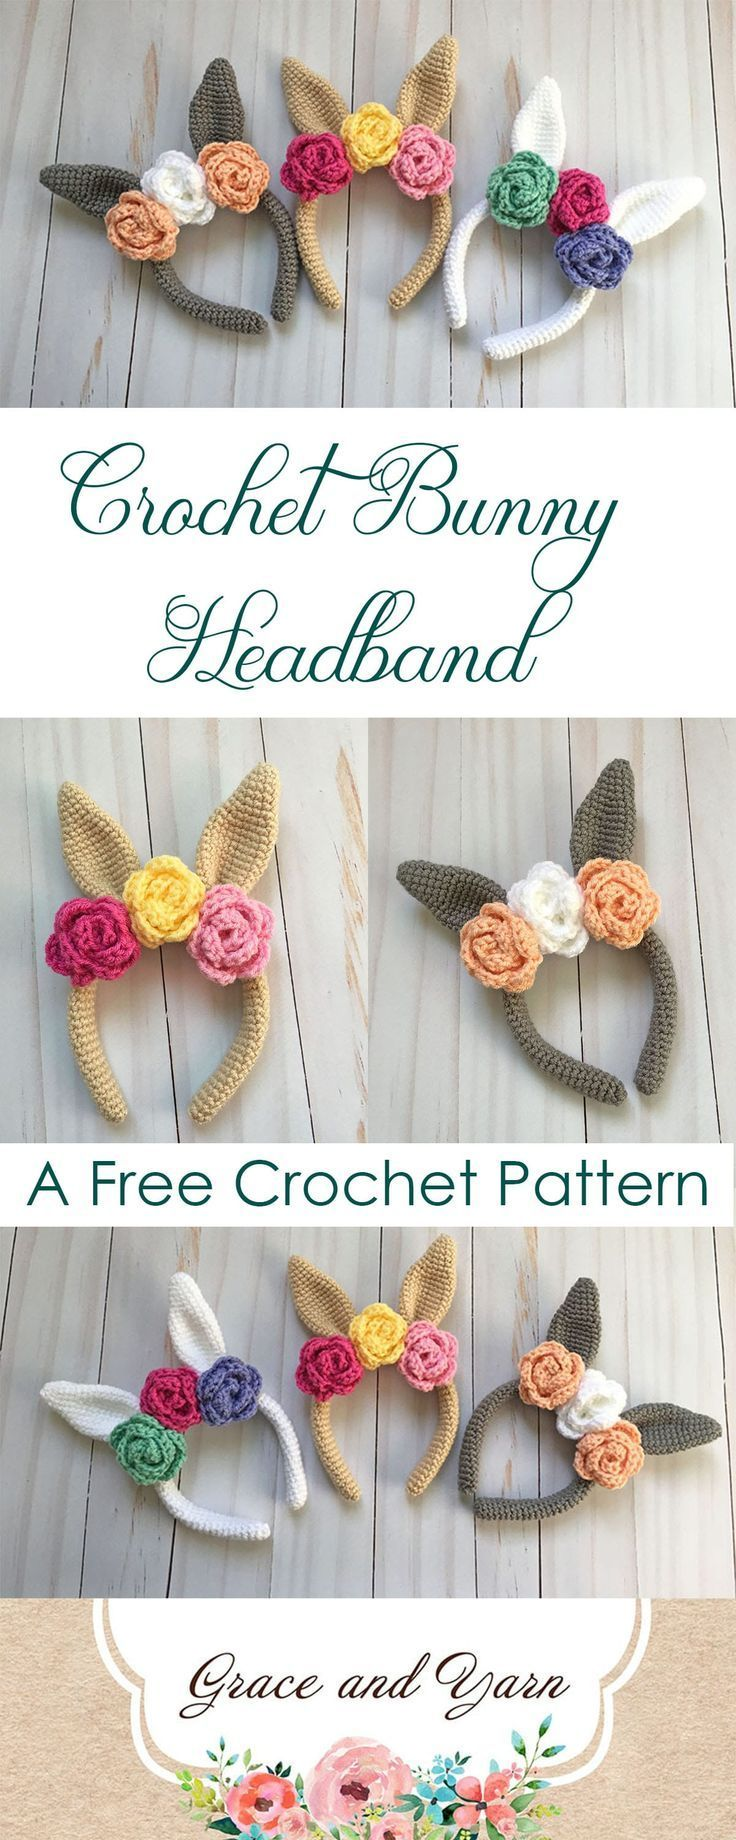 Crochet Bunny Headband - A Free Pattern | Patrones libres de ...